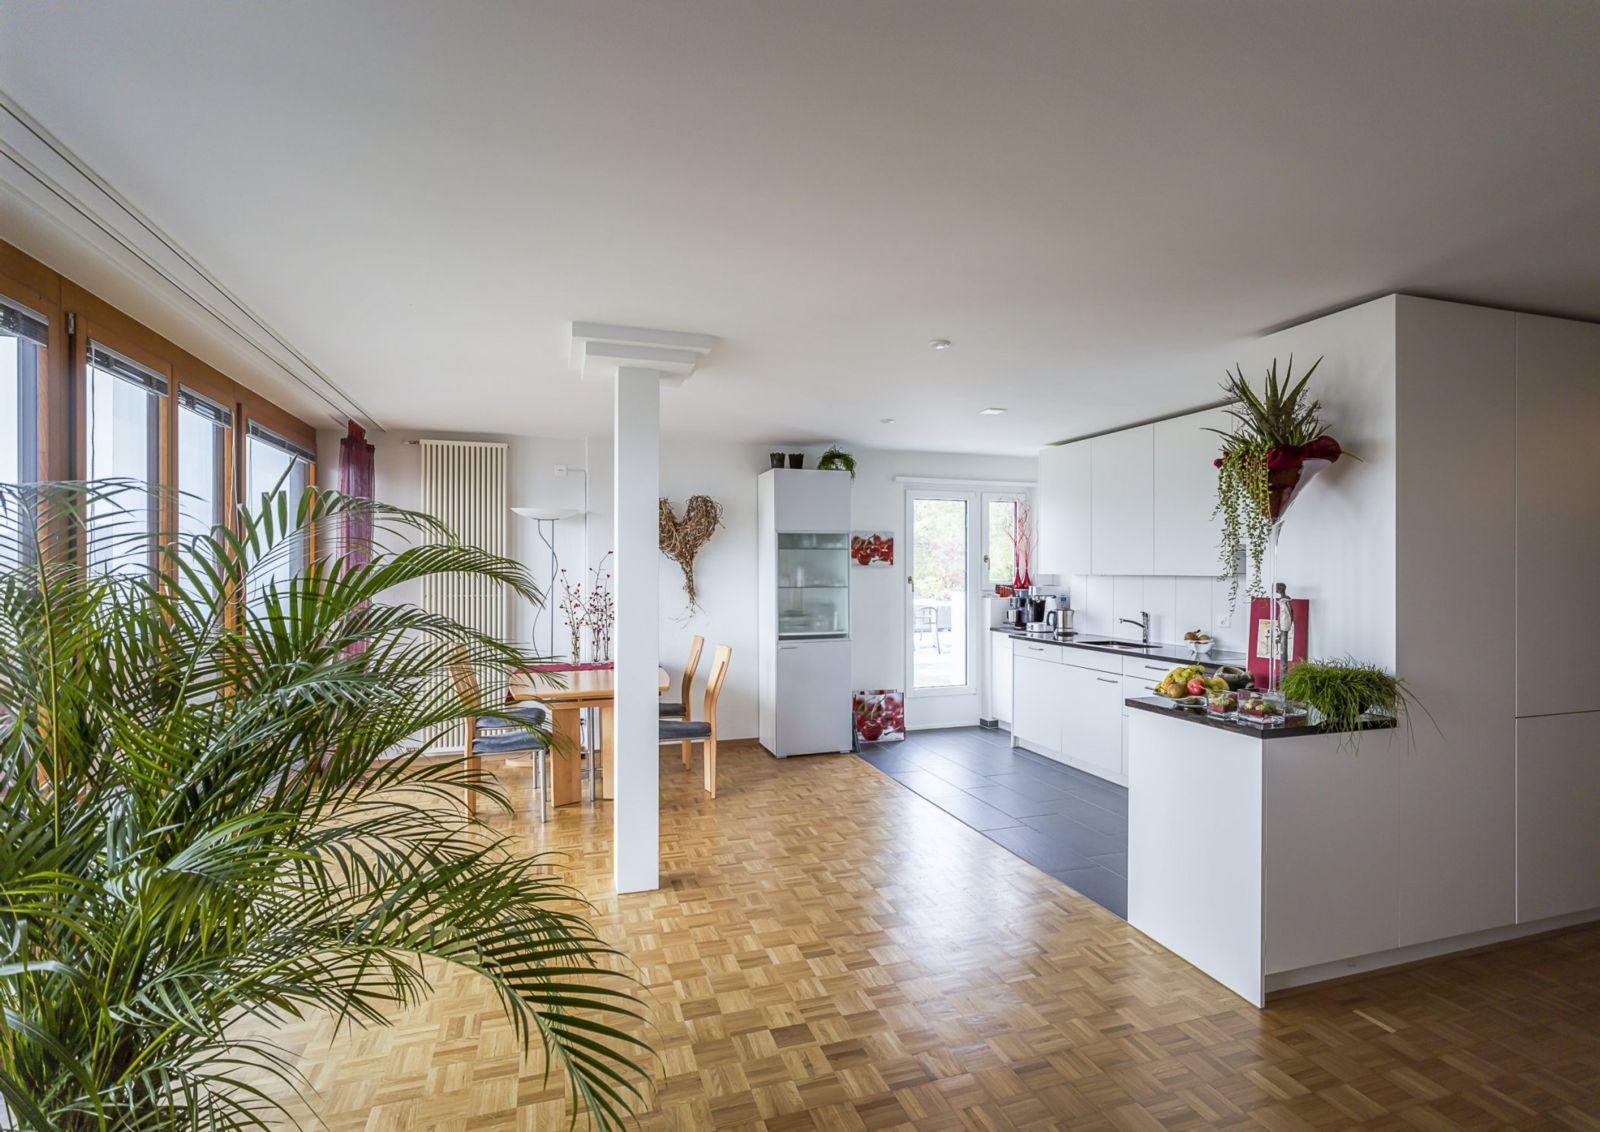 rotach wohnen siedlungen wettswil a a dettenb hl. Black Bedroom Furniture Sets. Home Design Ideas